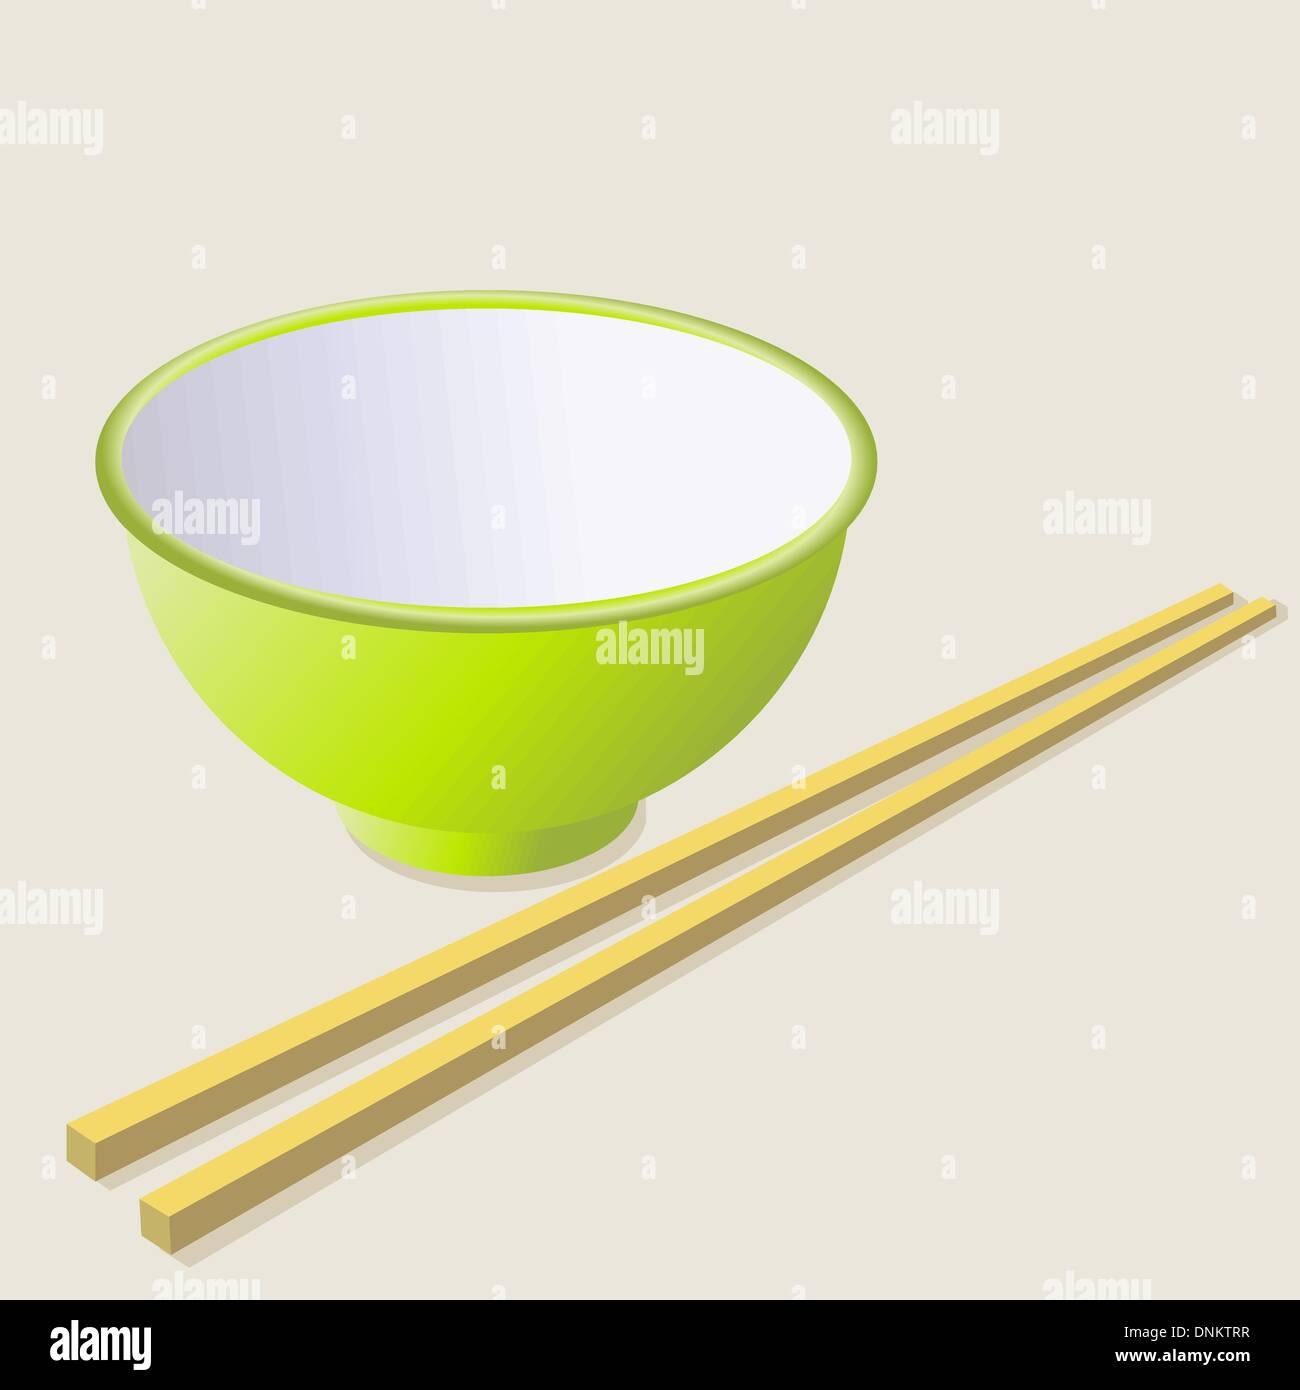 Tasse en céramique avec des bâtonnets de bois. Vector illustration. Photo Stock